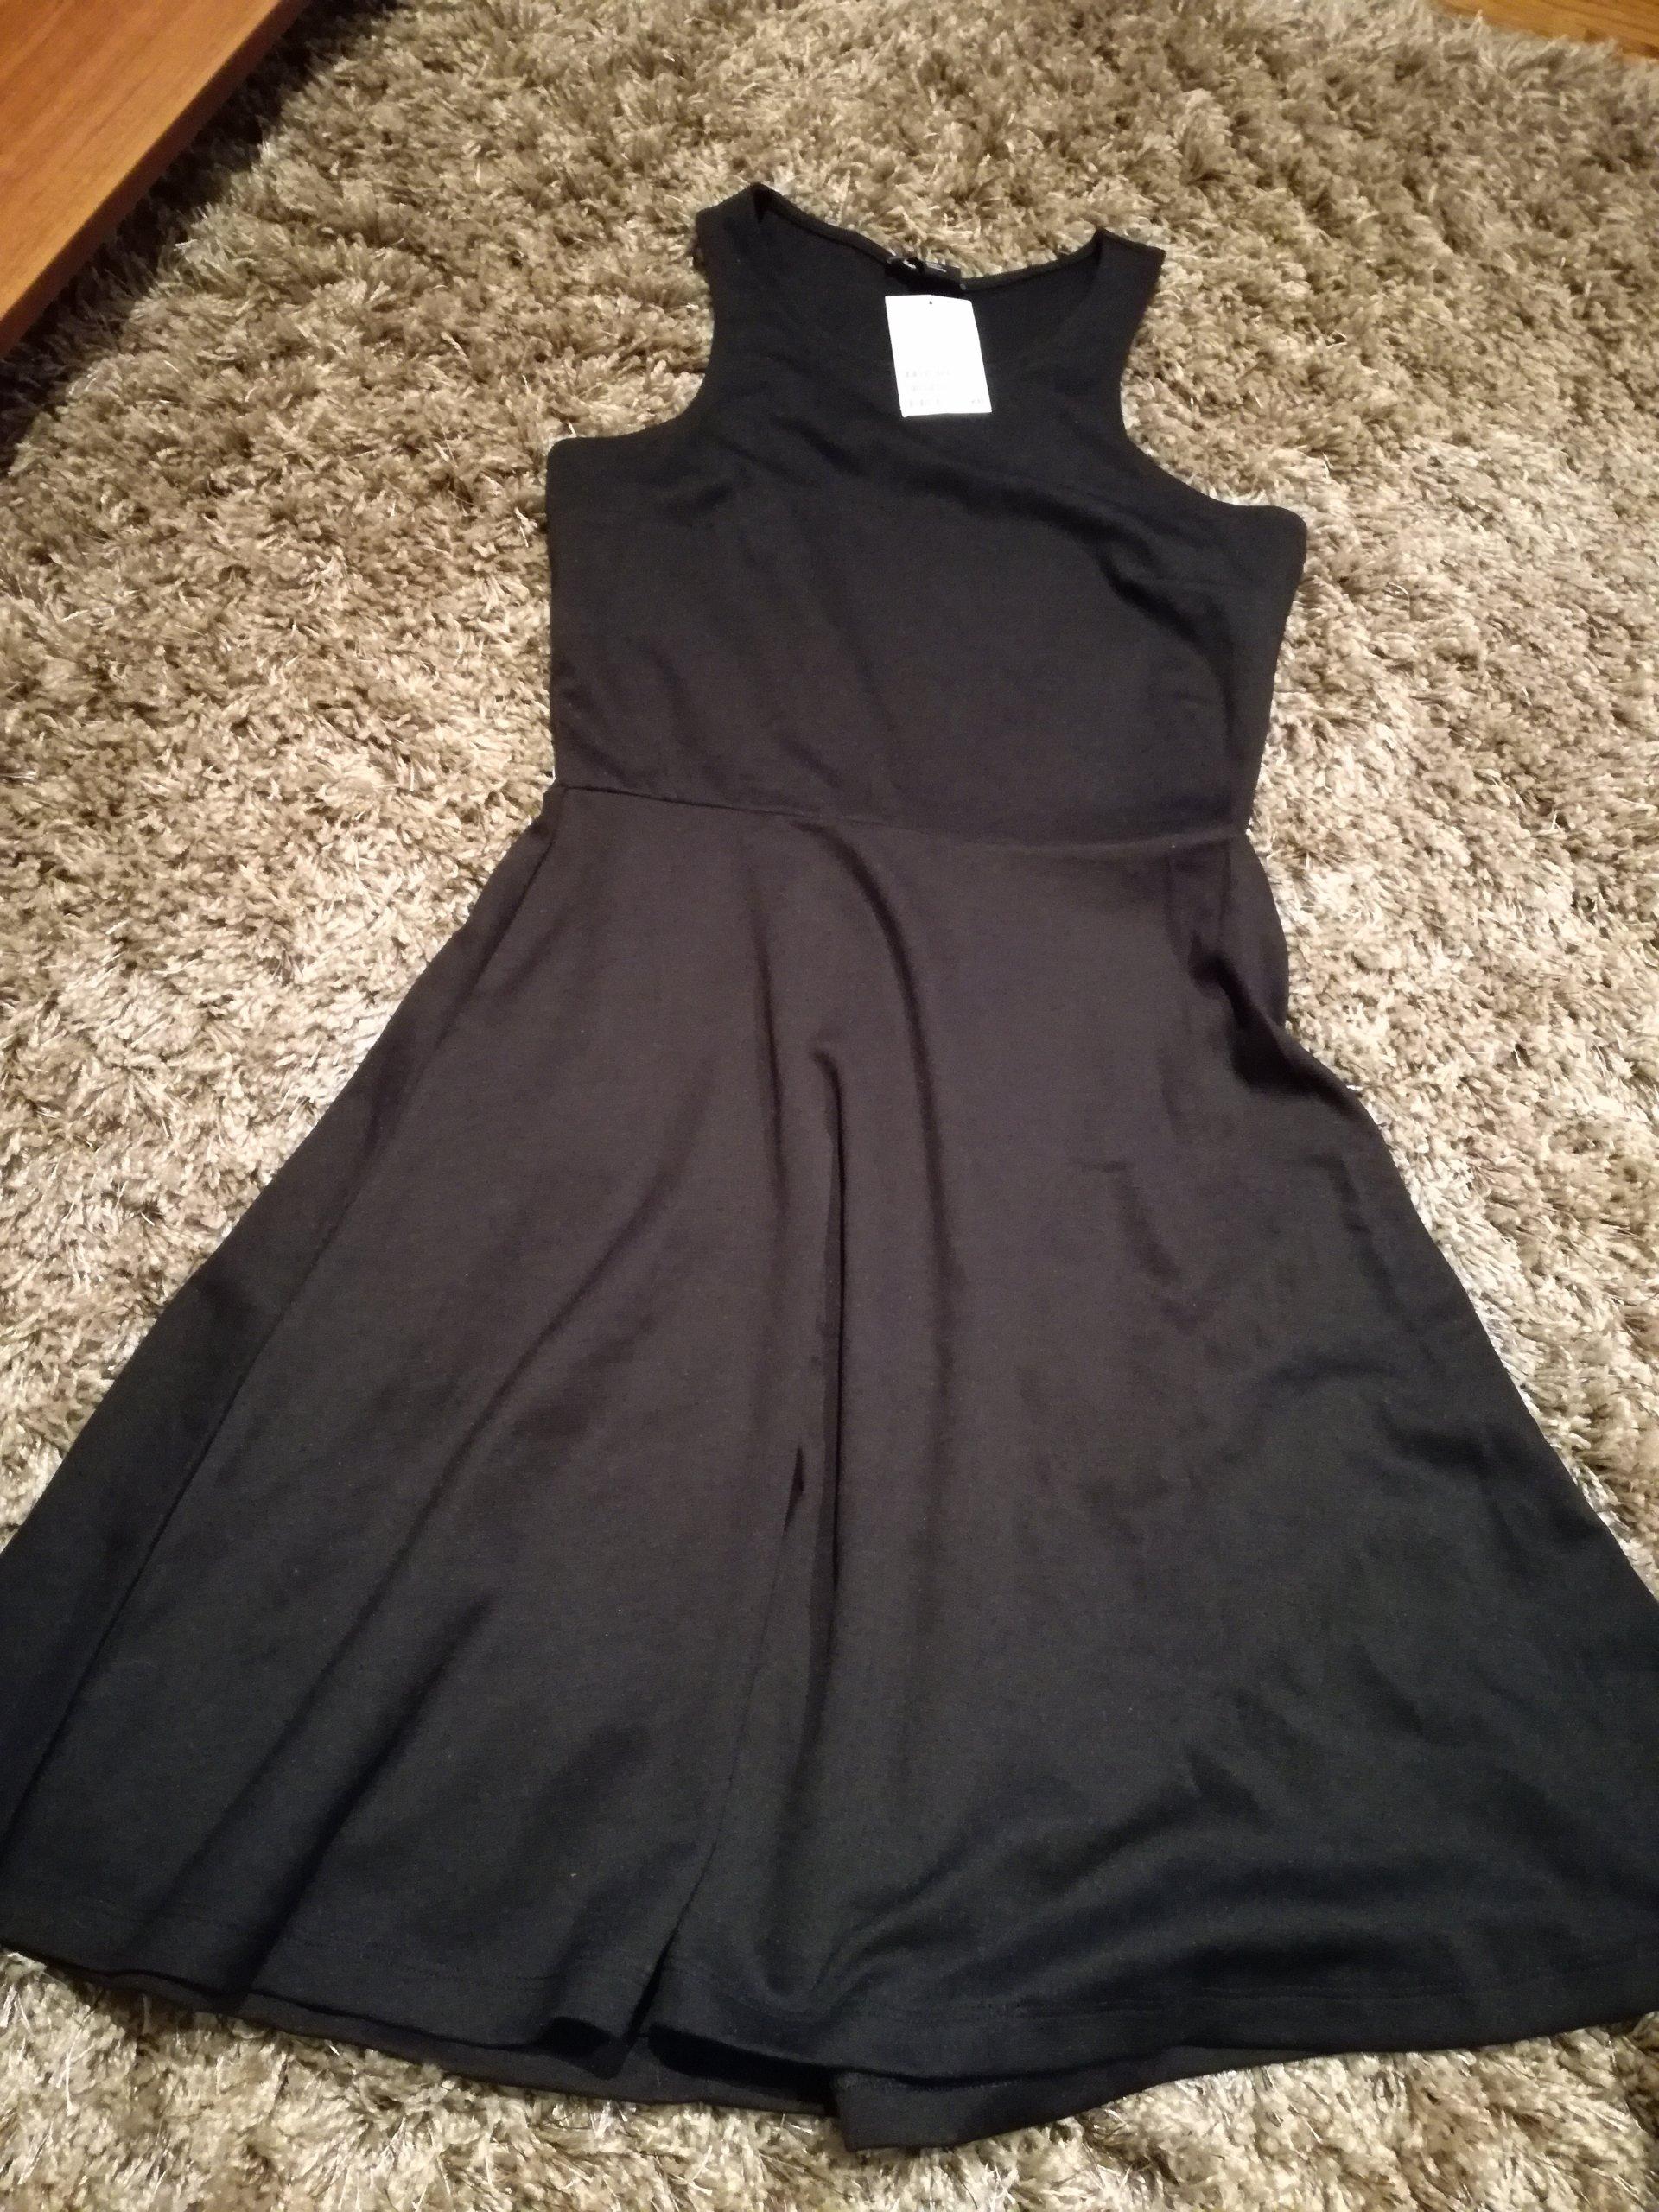 fdf0ce9120 Sukienka MAŁA CZARNA H M rozkloszowana rozm S - 7058604887 ...